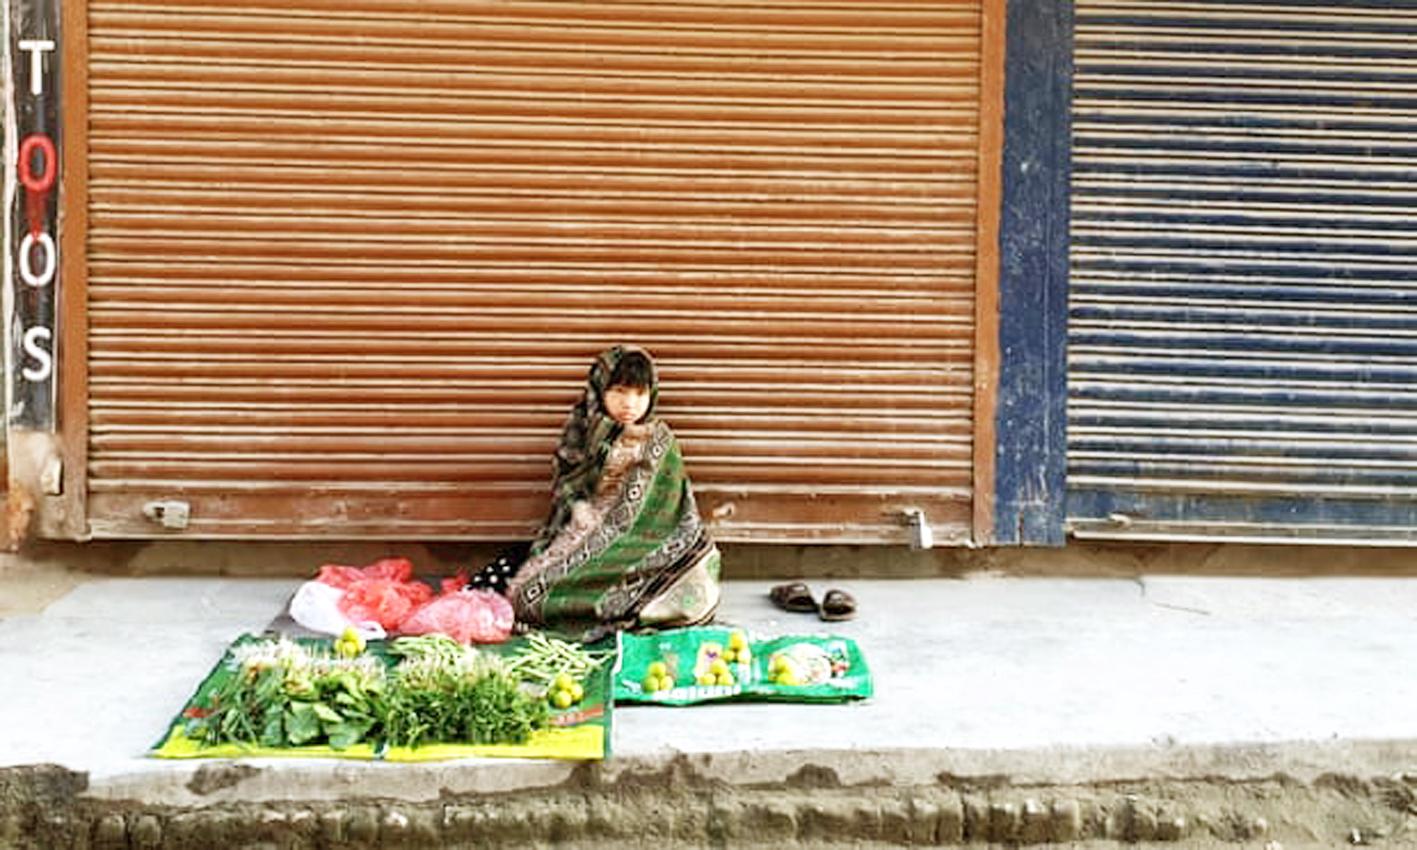 Một đứa trẻ bán rau ở Kathmandu, Nepal. Đa số trẻ em được phỏng vấn cho biết thu nhập của gia đình bị ảnh hưởng bởi đại dịch